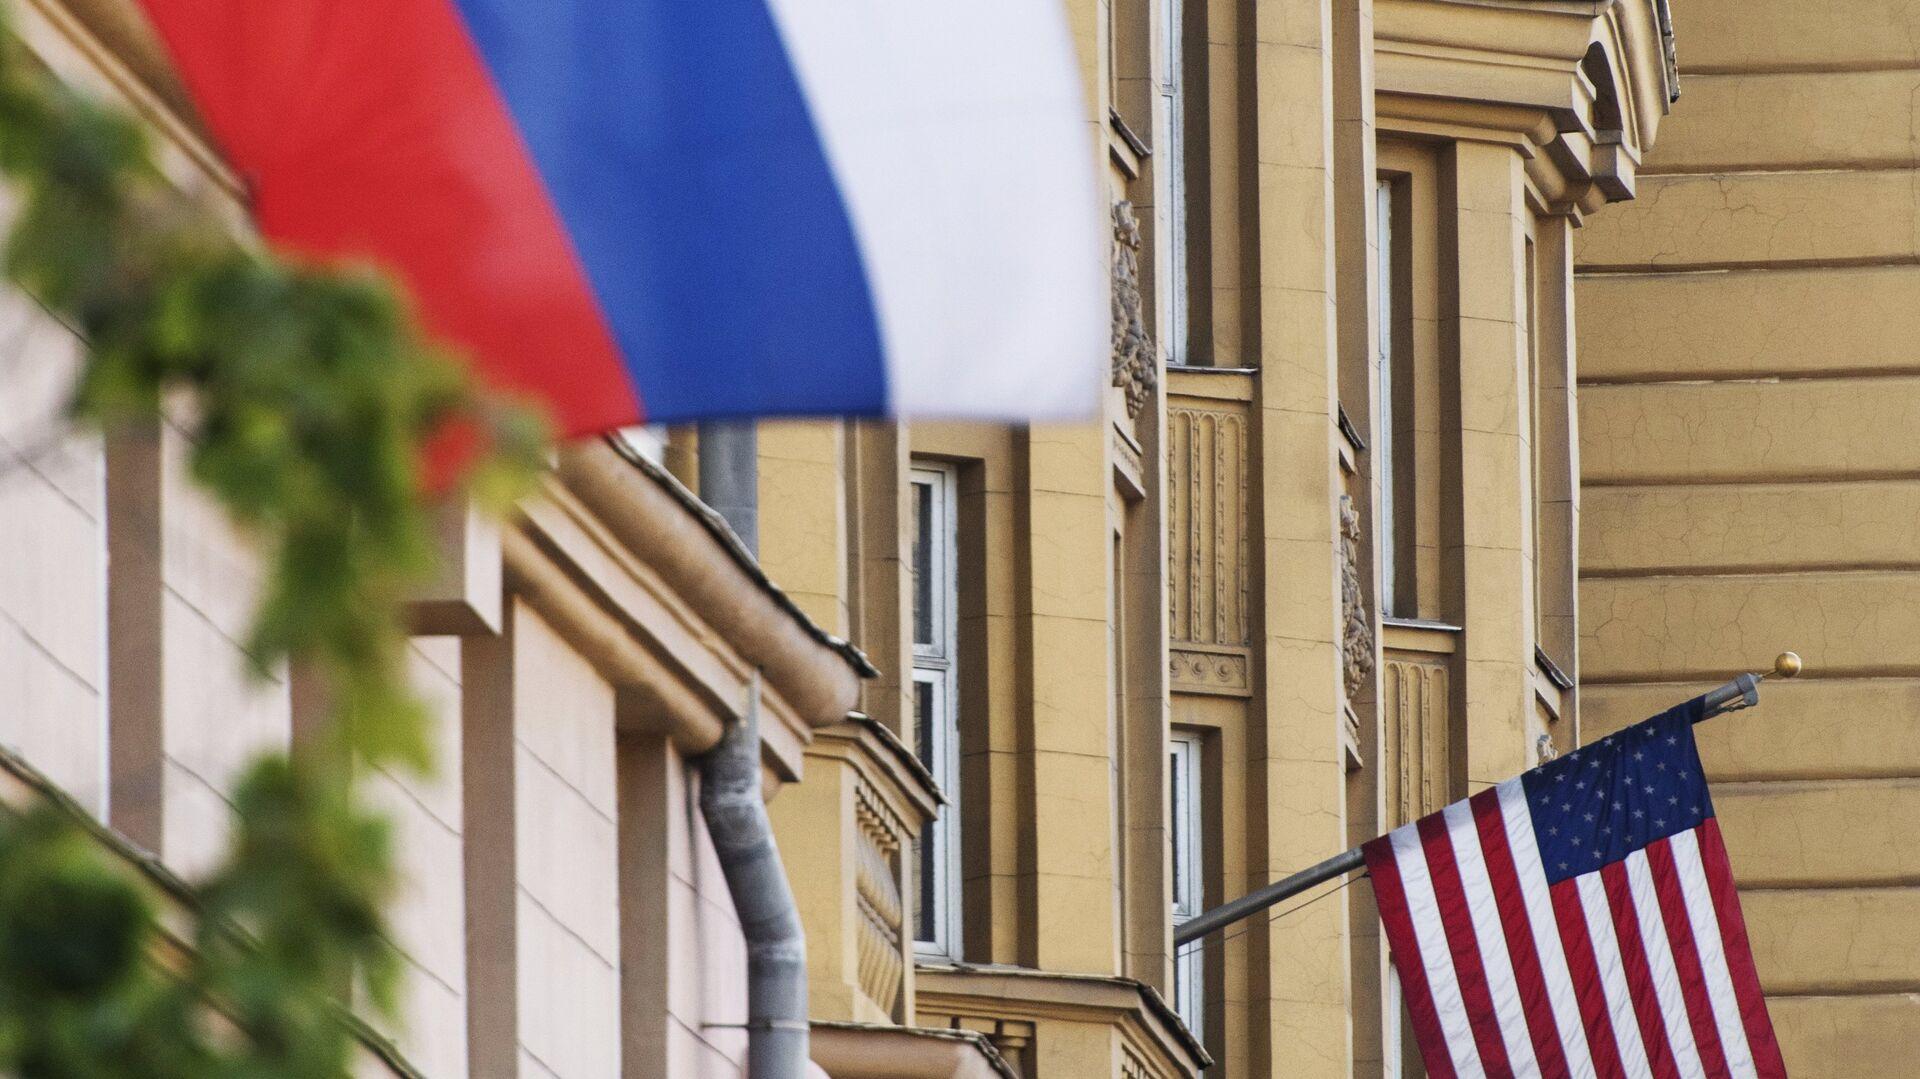 Banderas de Rusia y EEUU - Sputnik Mundo, 1920, 30.03.2021